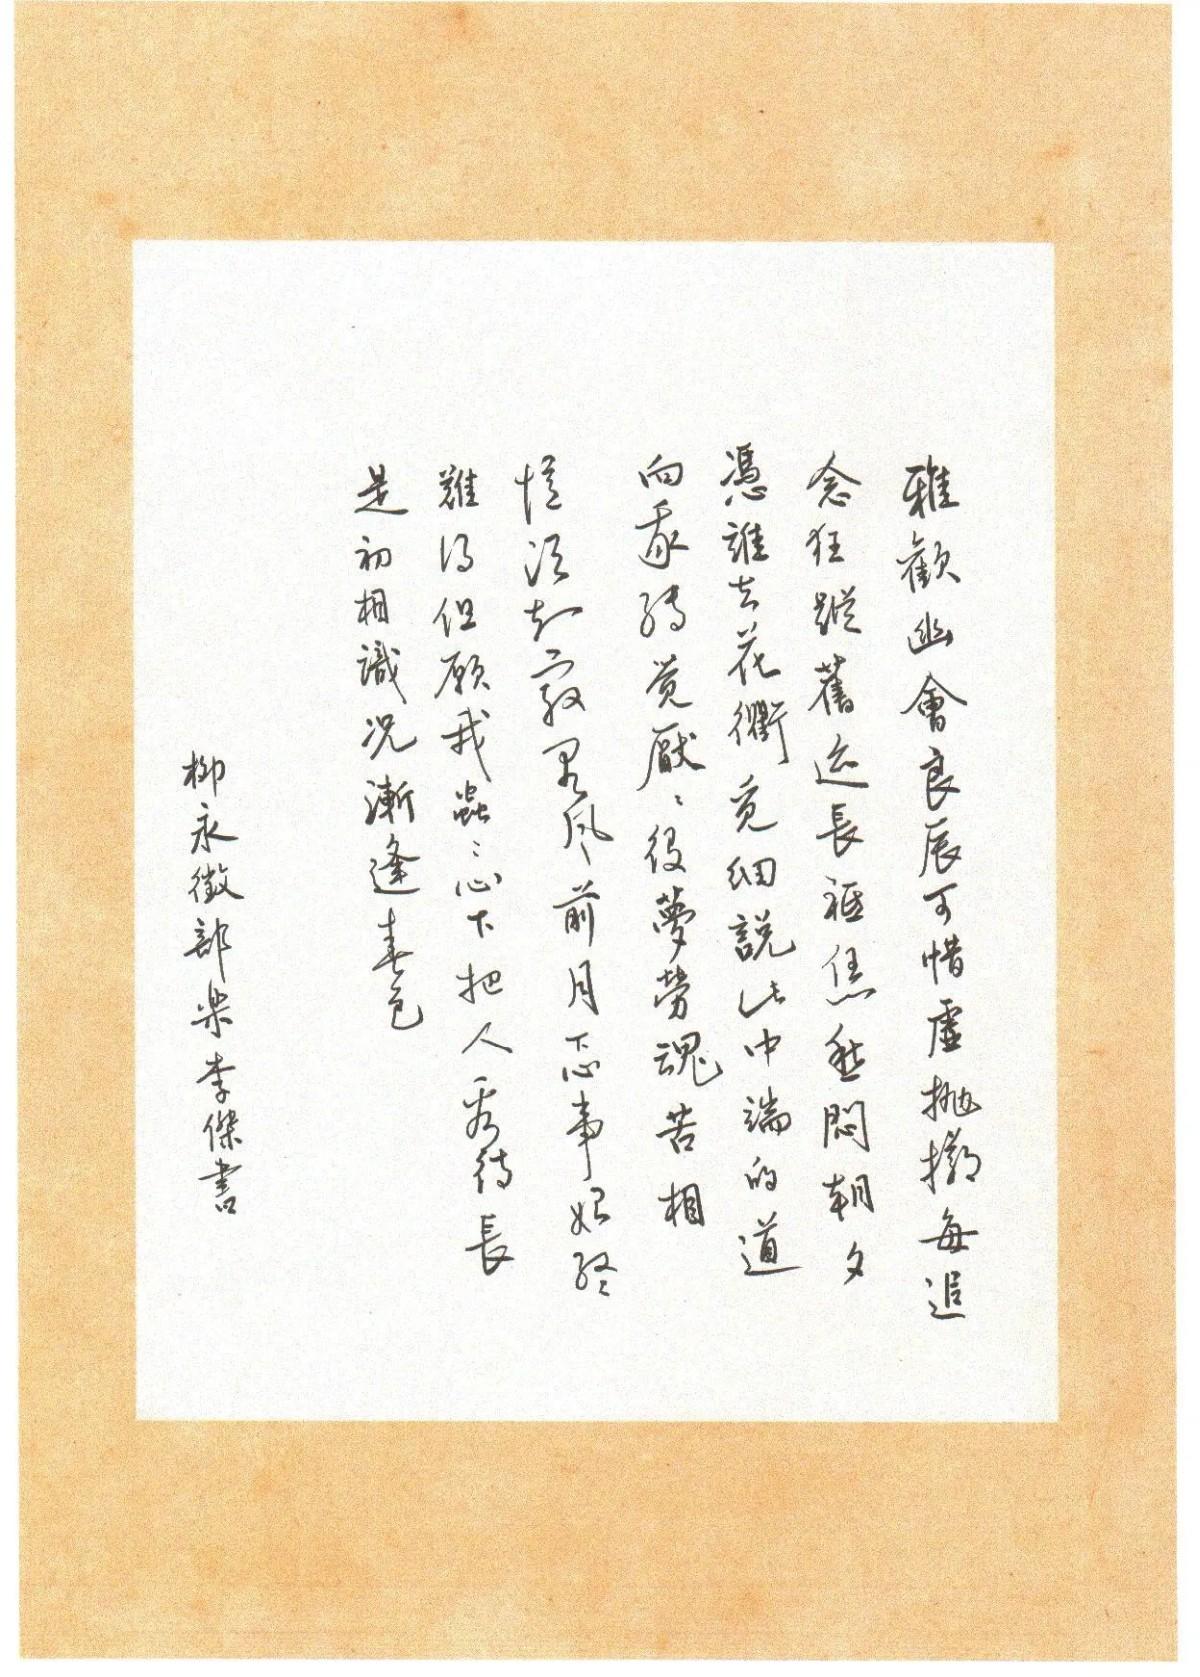 钢笔爱好者练字打卡20201110-12